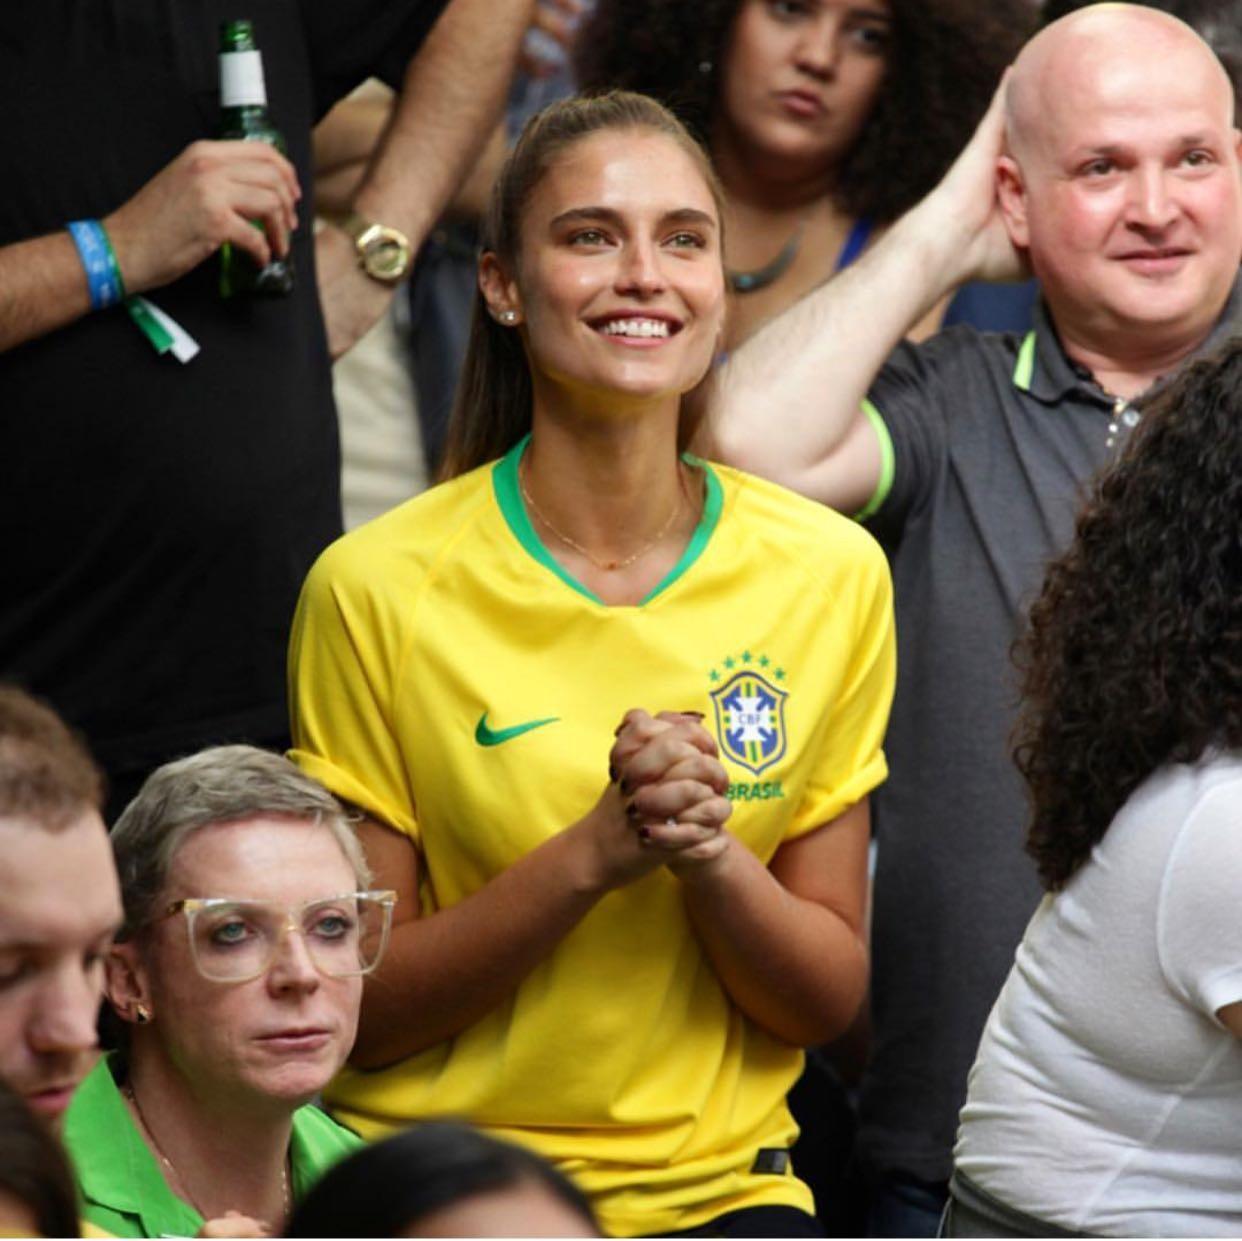 Fernanda Liz: Mandando muita energia positiva para os meninos da nossa seleção! RUMO AO HEXA BRASIIIIIIL (Foto: Reprodução/Instagram)